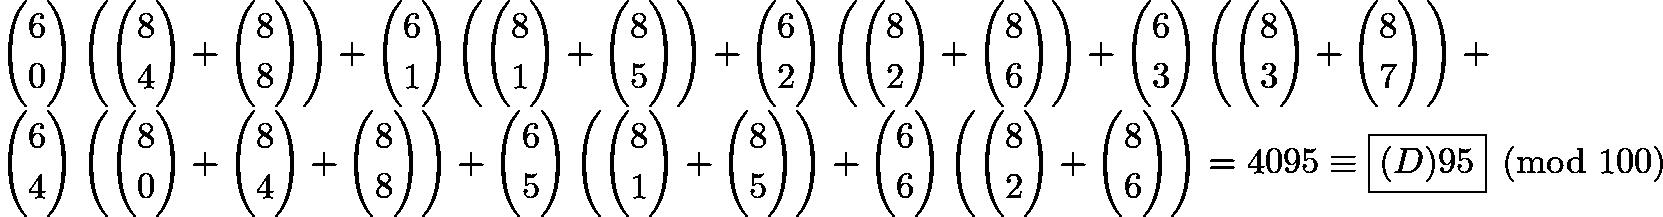 $\binom{6}{0}\left(\binom{8}{4}+\binom{8}{8}\right)+\binom{6}{1}\left(\binom{8}{1}+\binom{8}{5}\right)+\binom{6}{2}\left(\binom{8}{2}+\binom{8}{6}\right)+\binom{6}{3}\left(\binom{8}{3}+\binom{8}{7}\right)+\\\binom{6}{4}\left(\binom{8}{0}+\binom{8}{4}+\binom{8}{8}\right)+\binom{6}{5}\left(\binom{8}{1}+\binom{8}{5}\right)+\binom{6}{6}\left(\binom{8}{2}+\binom{8}{6}\right) = 4095\equiv\boxed{(D) 95}\pmod{100}$